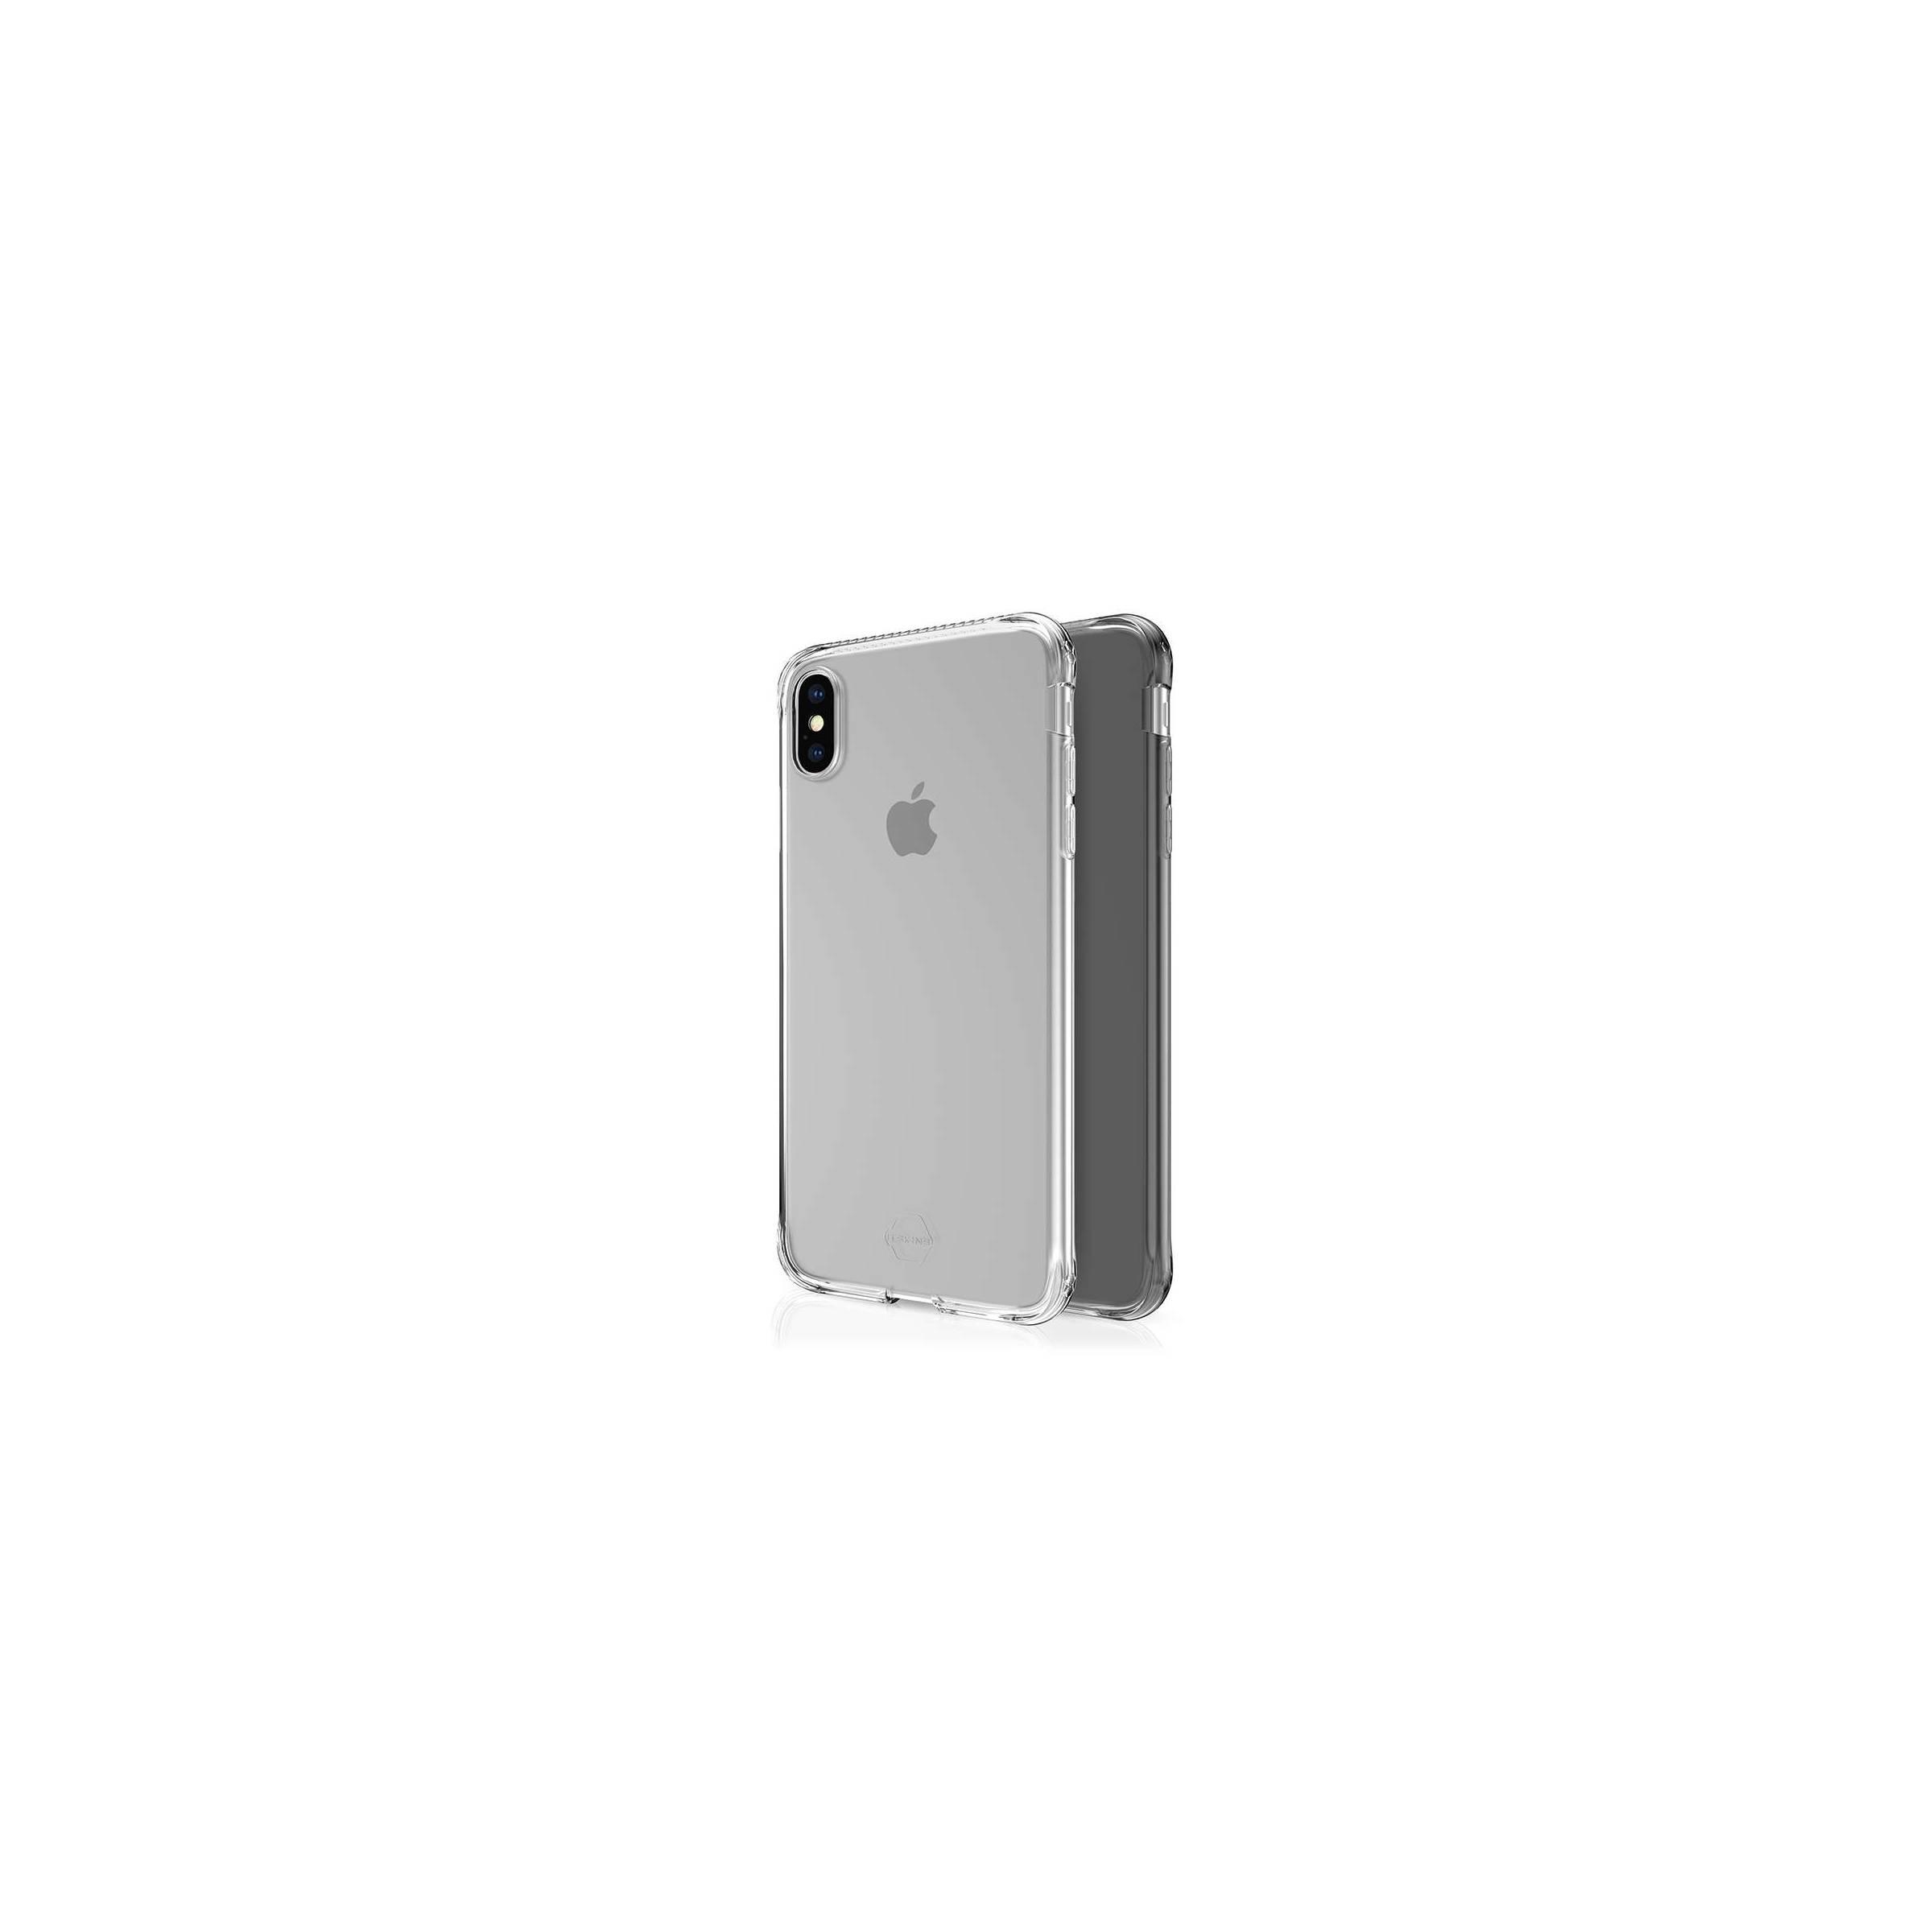 Itskins slim silikone protect gel iphone xs max cover dobbelt 2x pakke farve klar & sort fra itskins fra mackabler.dk